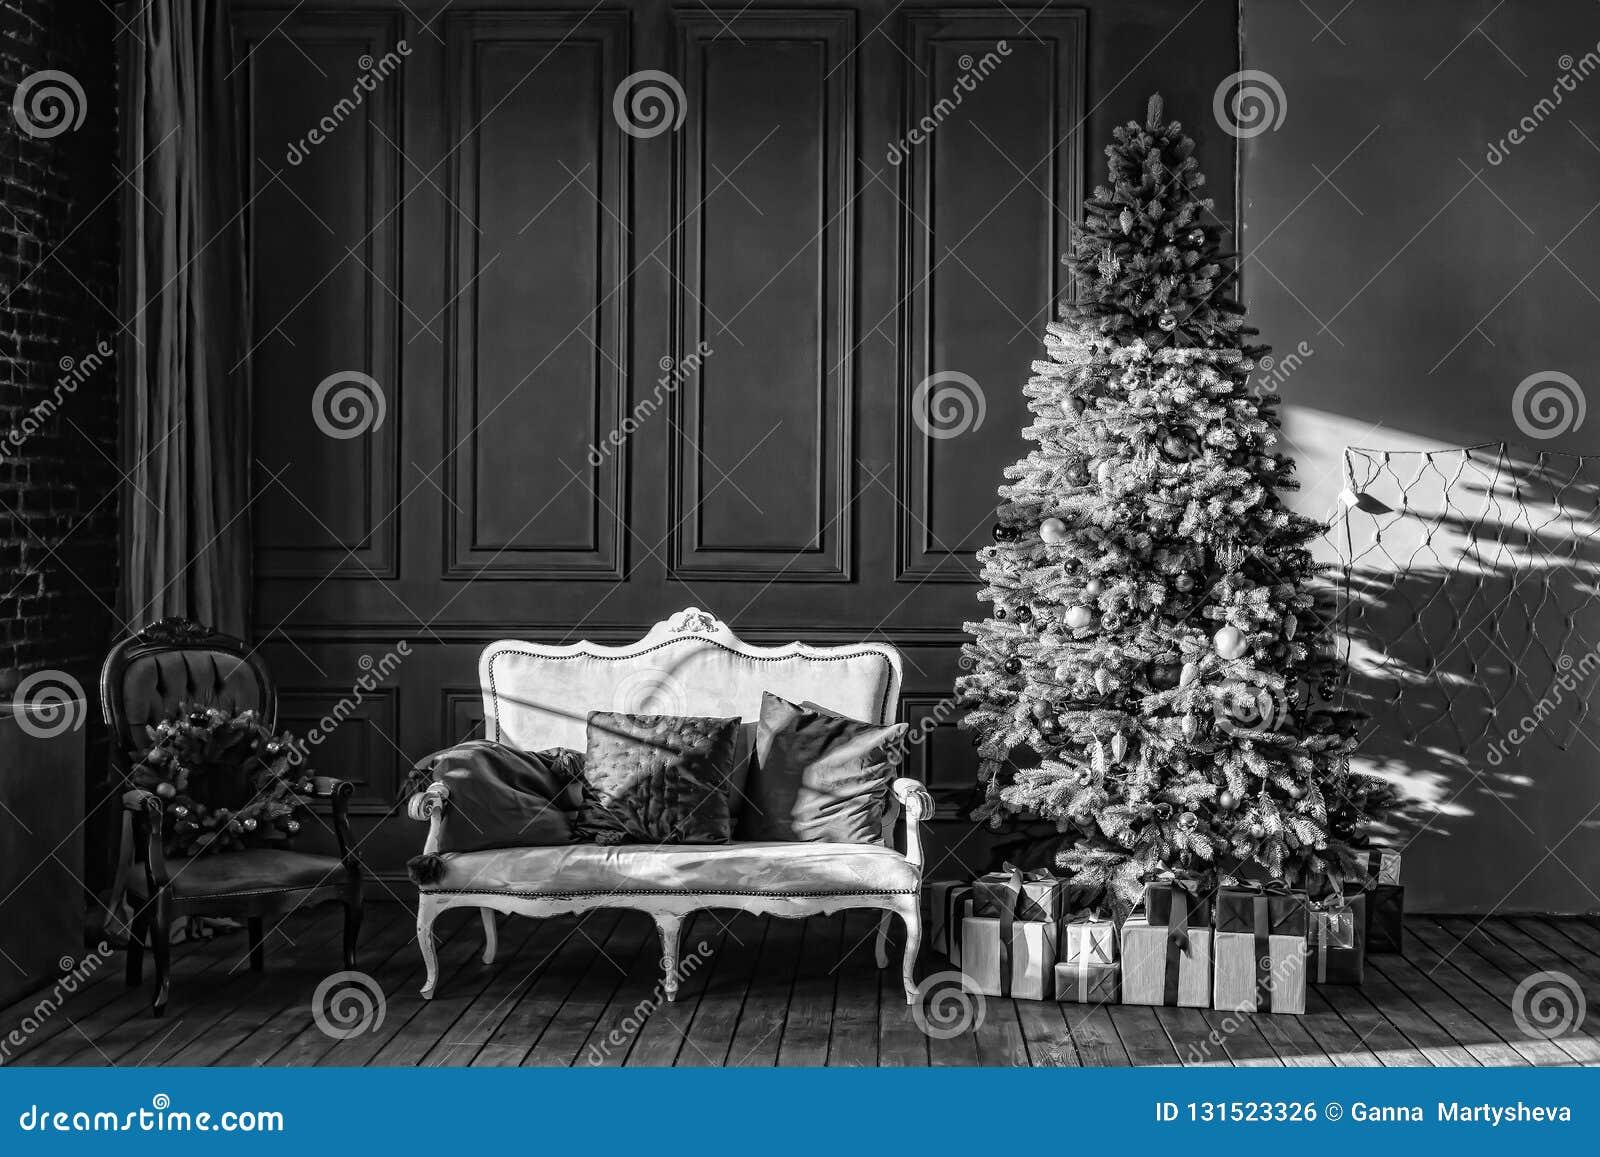 Noir Et Blanc Arbre De Noël Dans Lintérieur Royal Le Salon